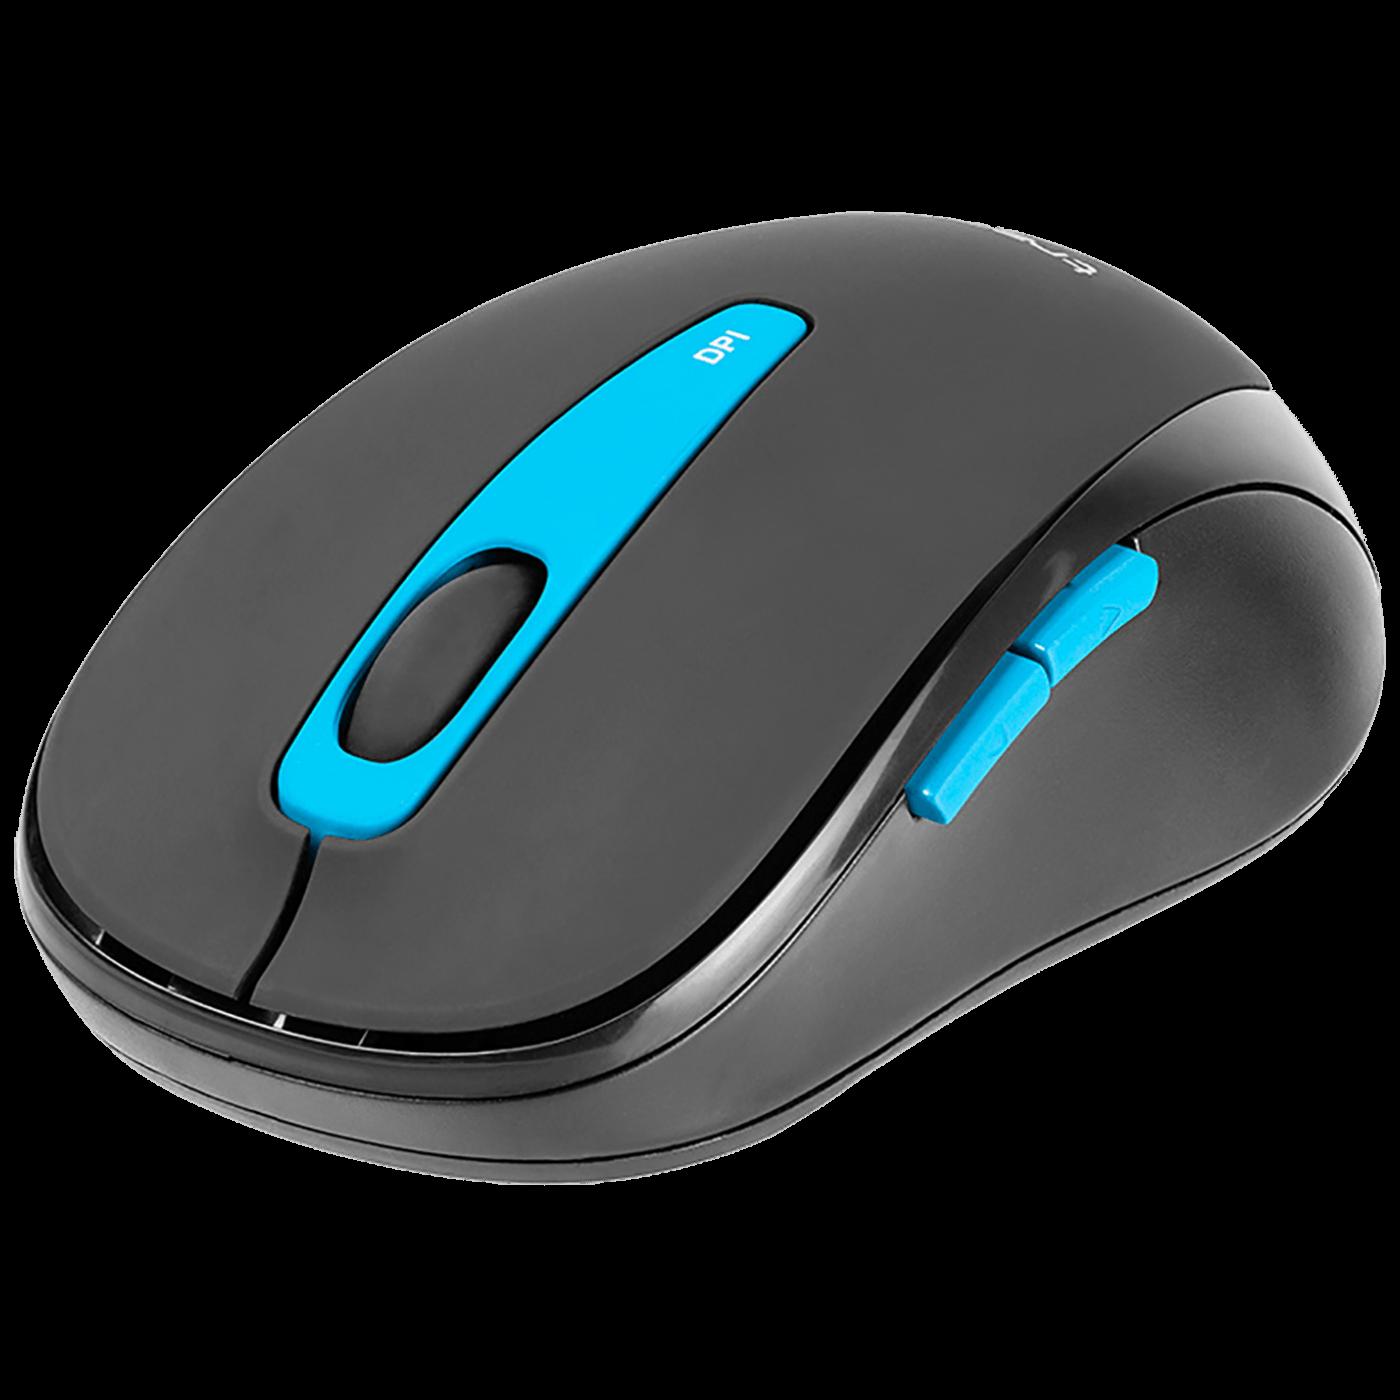 Tipkovnica + miš, bežični set, nano prijemnik